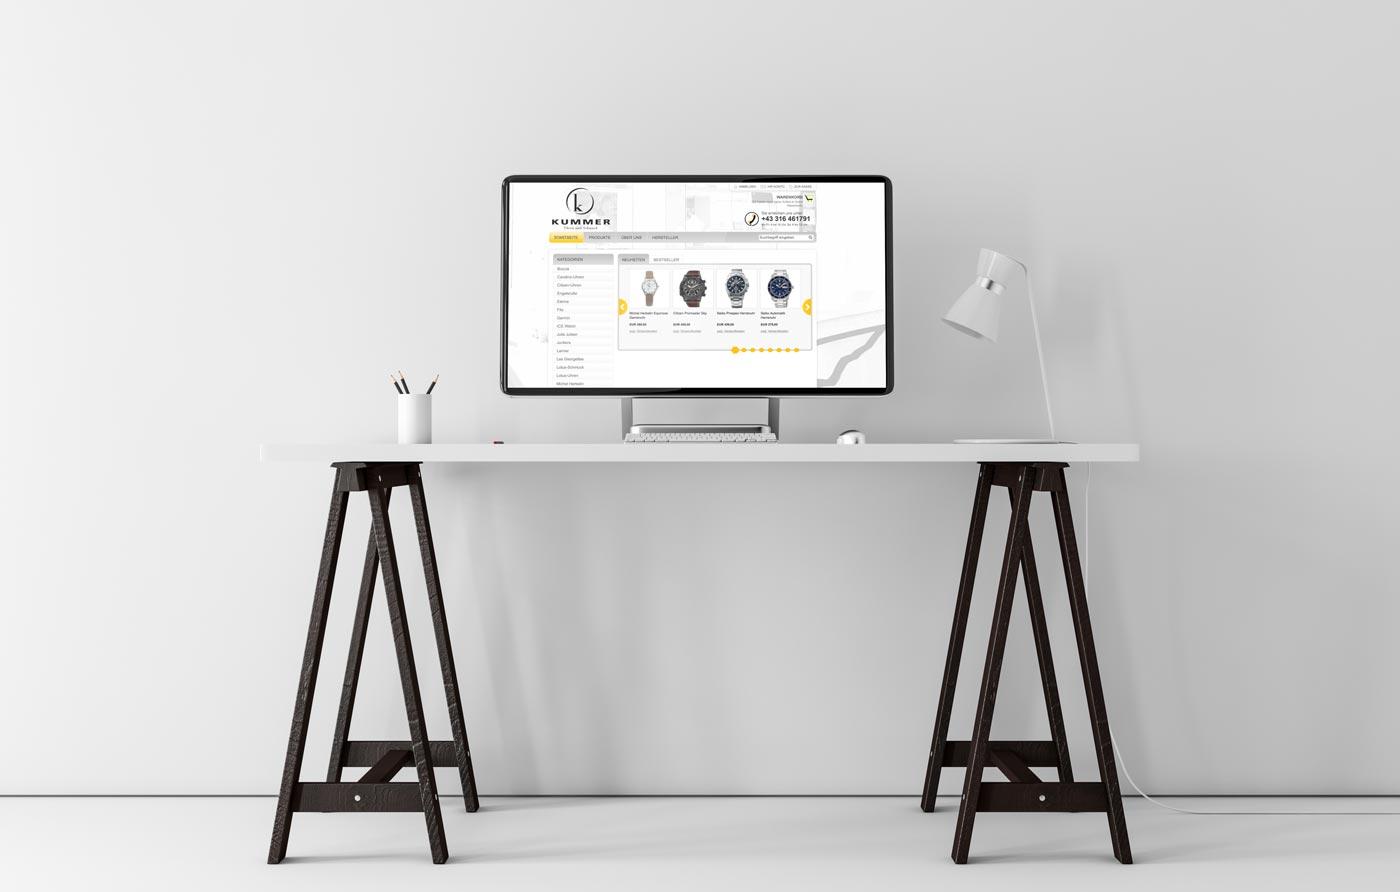 Juwelier Kummer, Referenz Dieter Biernat, Web-Design Graz